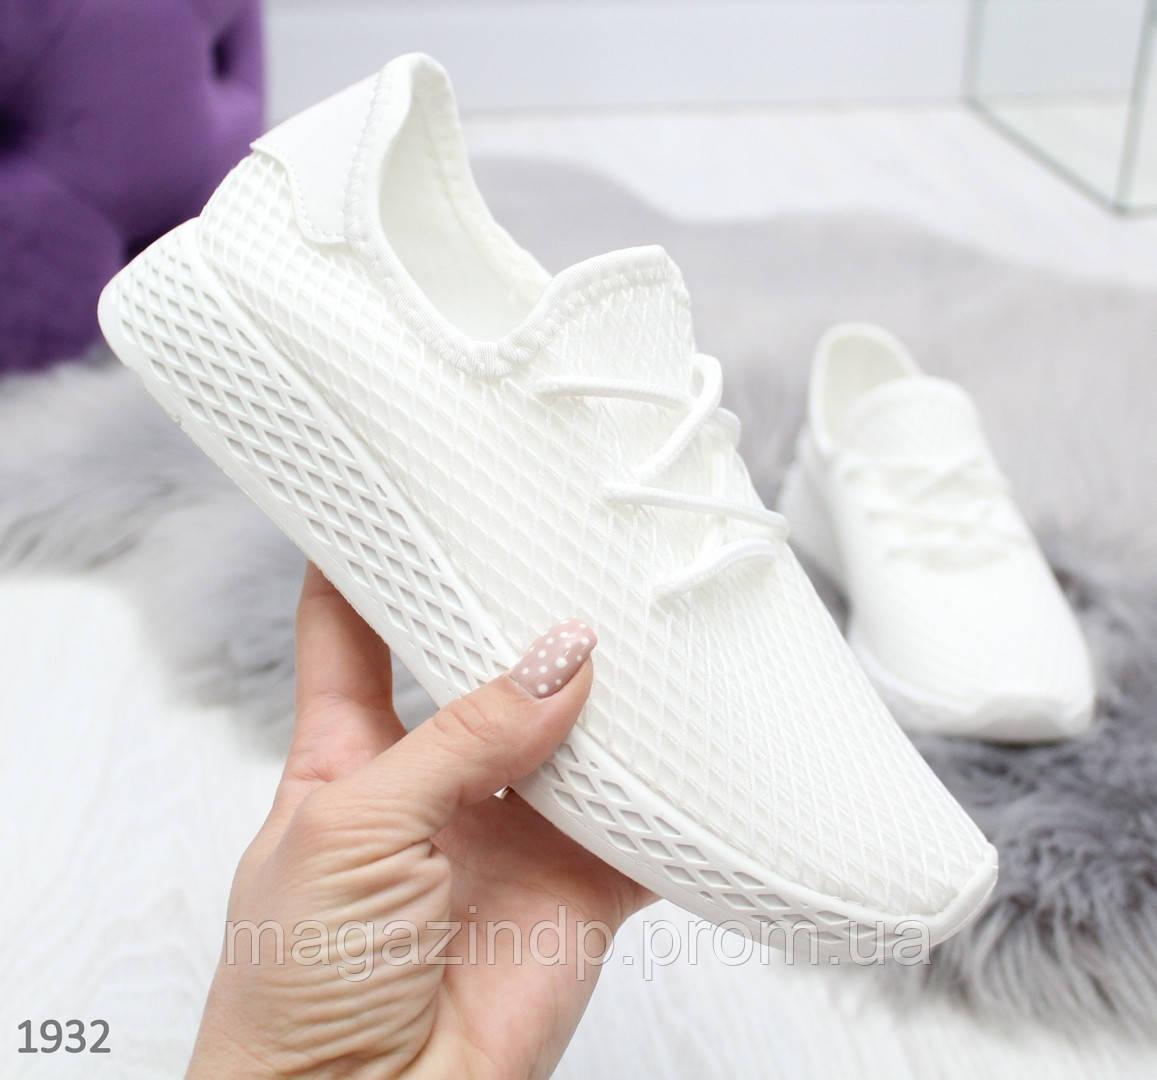 Легкие текные белые кроссовки на каждый день Код:973682892